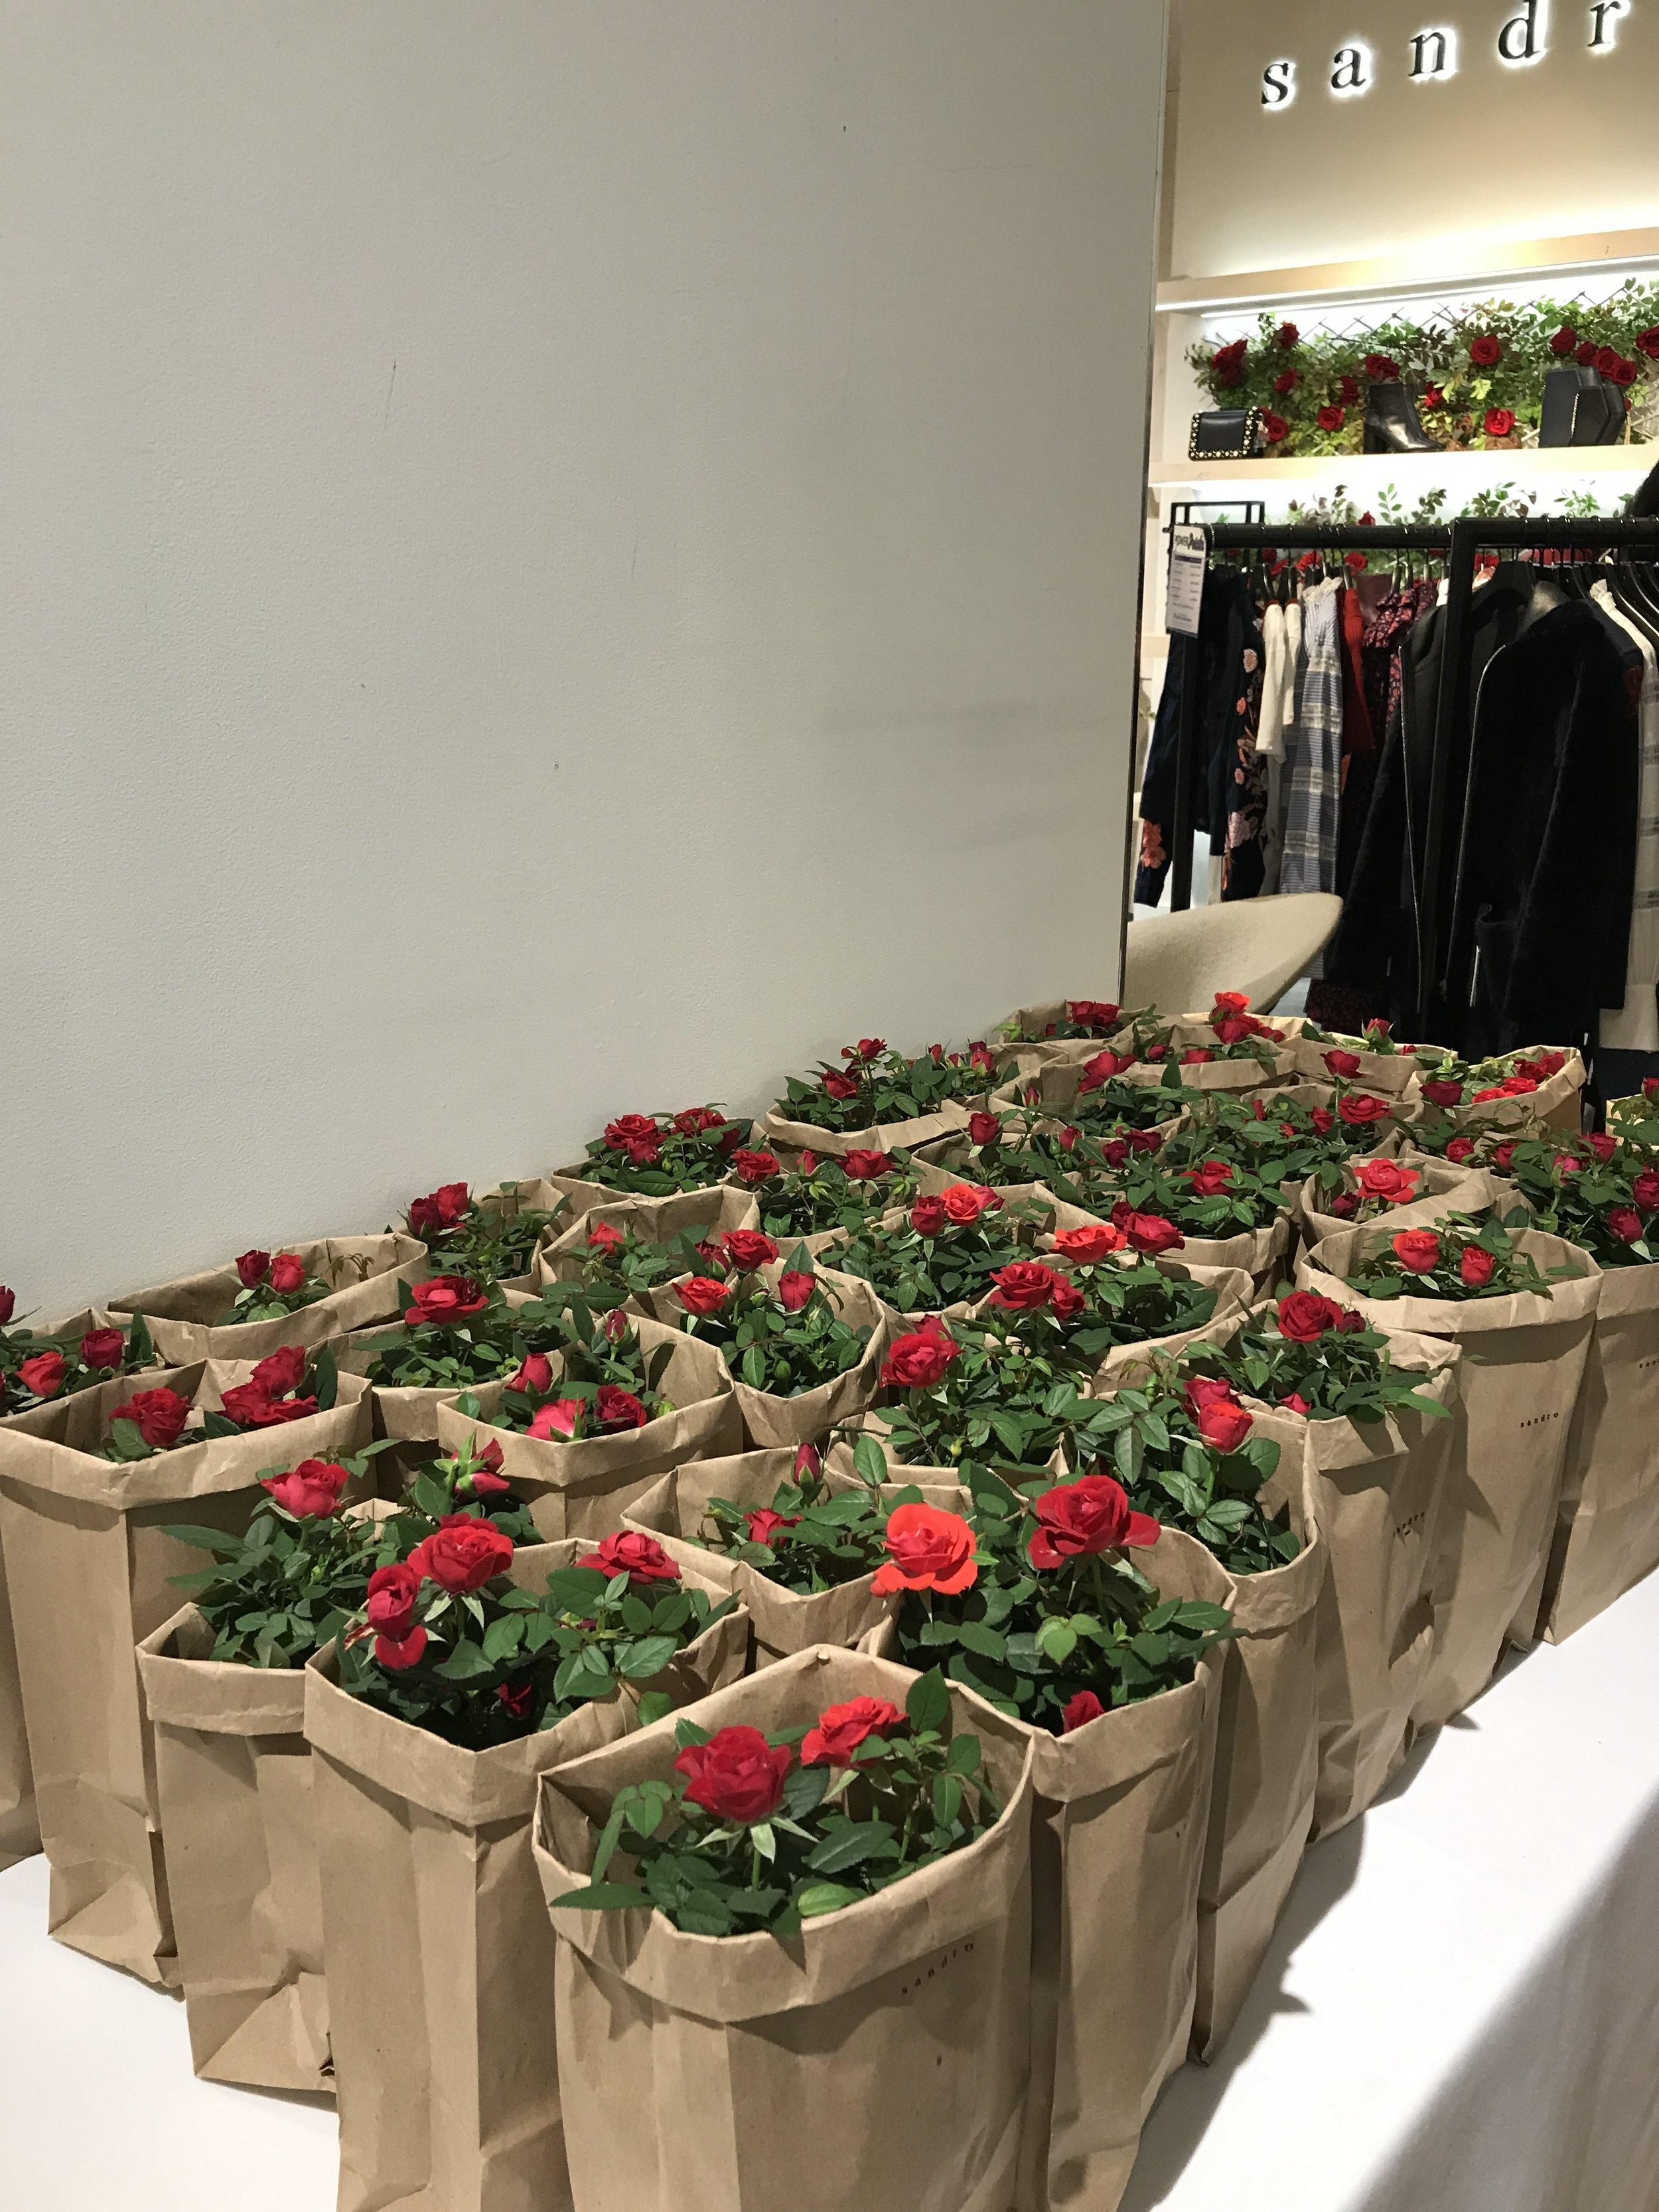 Sandro Garden Roses